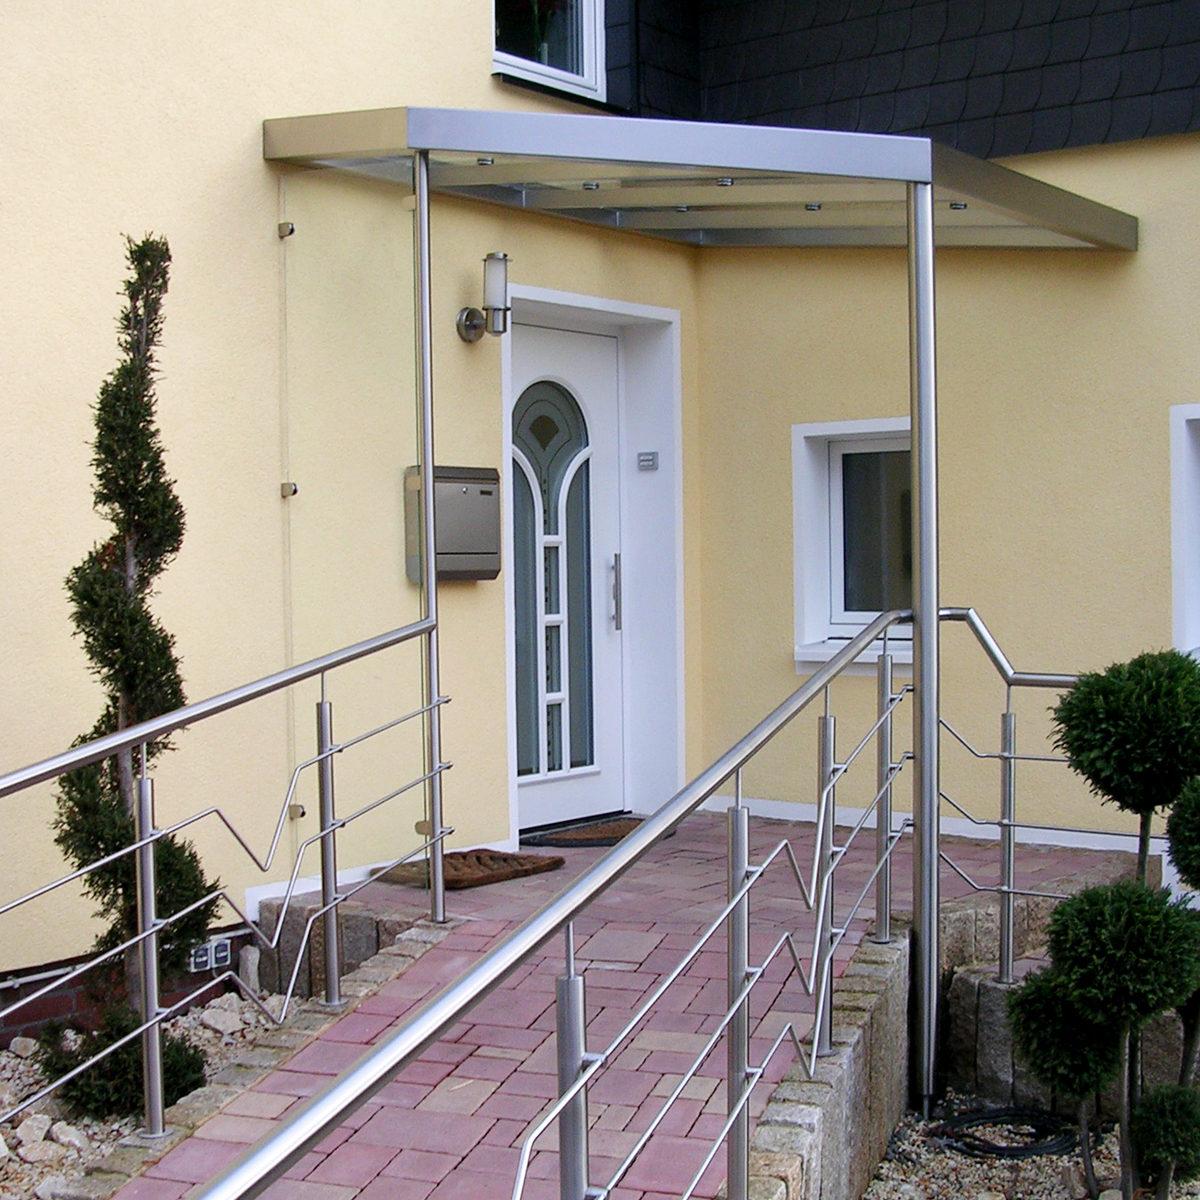 Edelstahl-Vordach-mit-umlaufender-Regenrinne